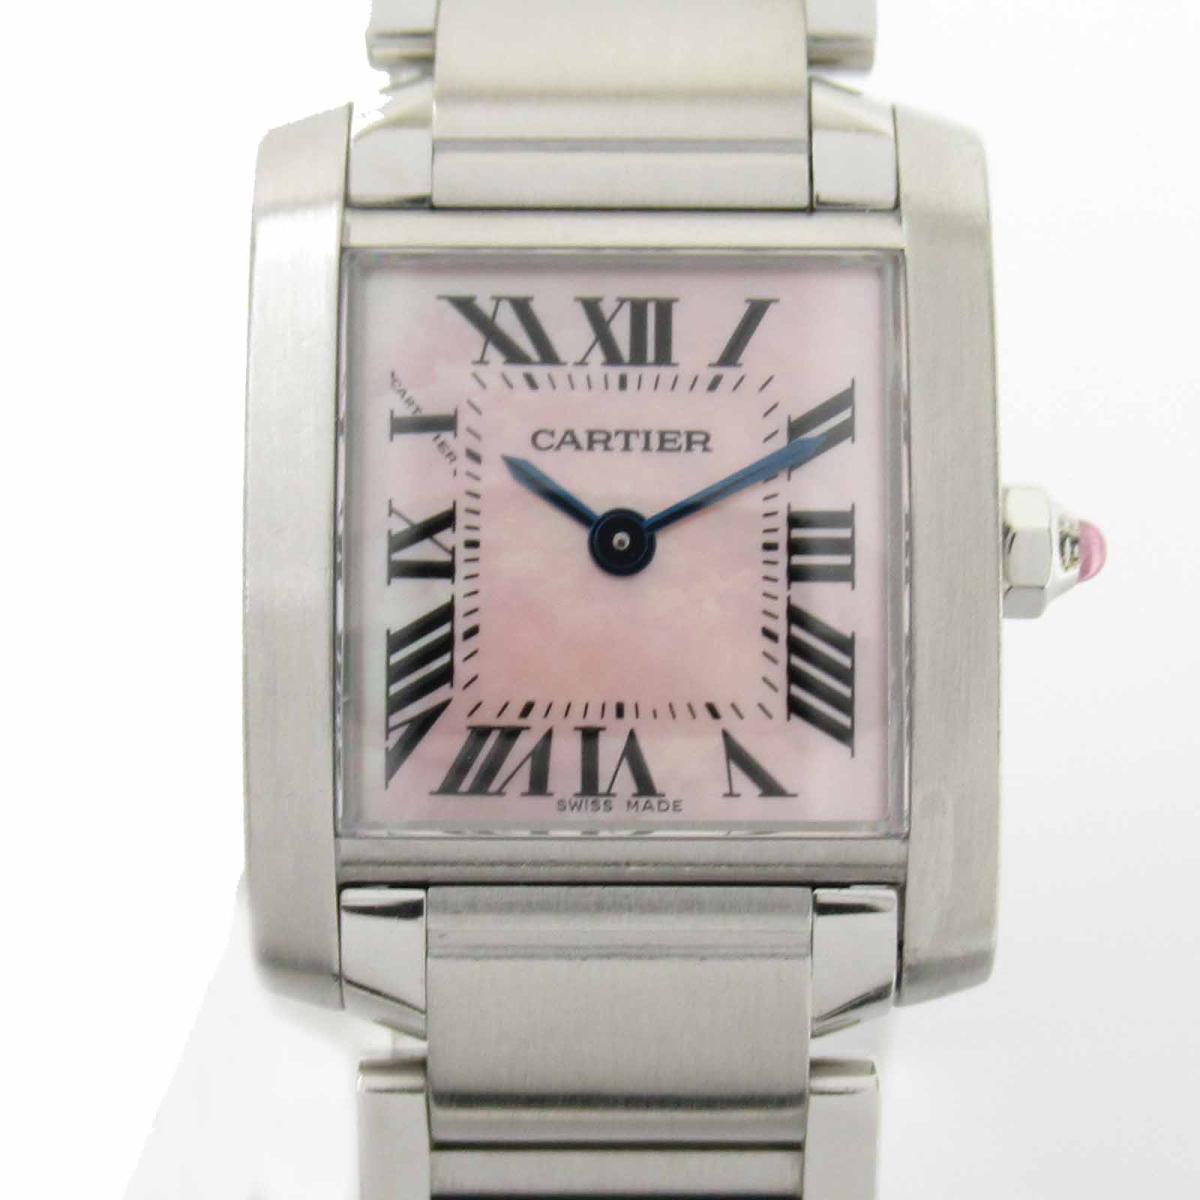 ≪期間限定≫メルマガ登録でクーポンGET! 【中古】 カルティエ タンクフランセーズSM ウォッチ 腕時計 レディース ステンレススチール (SS) (W21028Q3) | Cartier BRANDOFF ブランドオフ ブランド ブランド時計 ブランド腕時計 時計